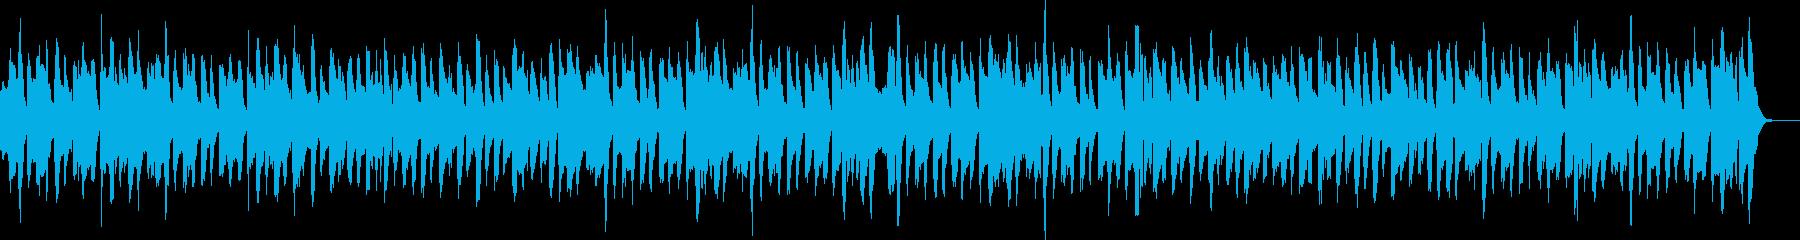 生演奏リコーダーでほのぼののんびりタイムの再生済みの波形